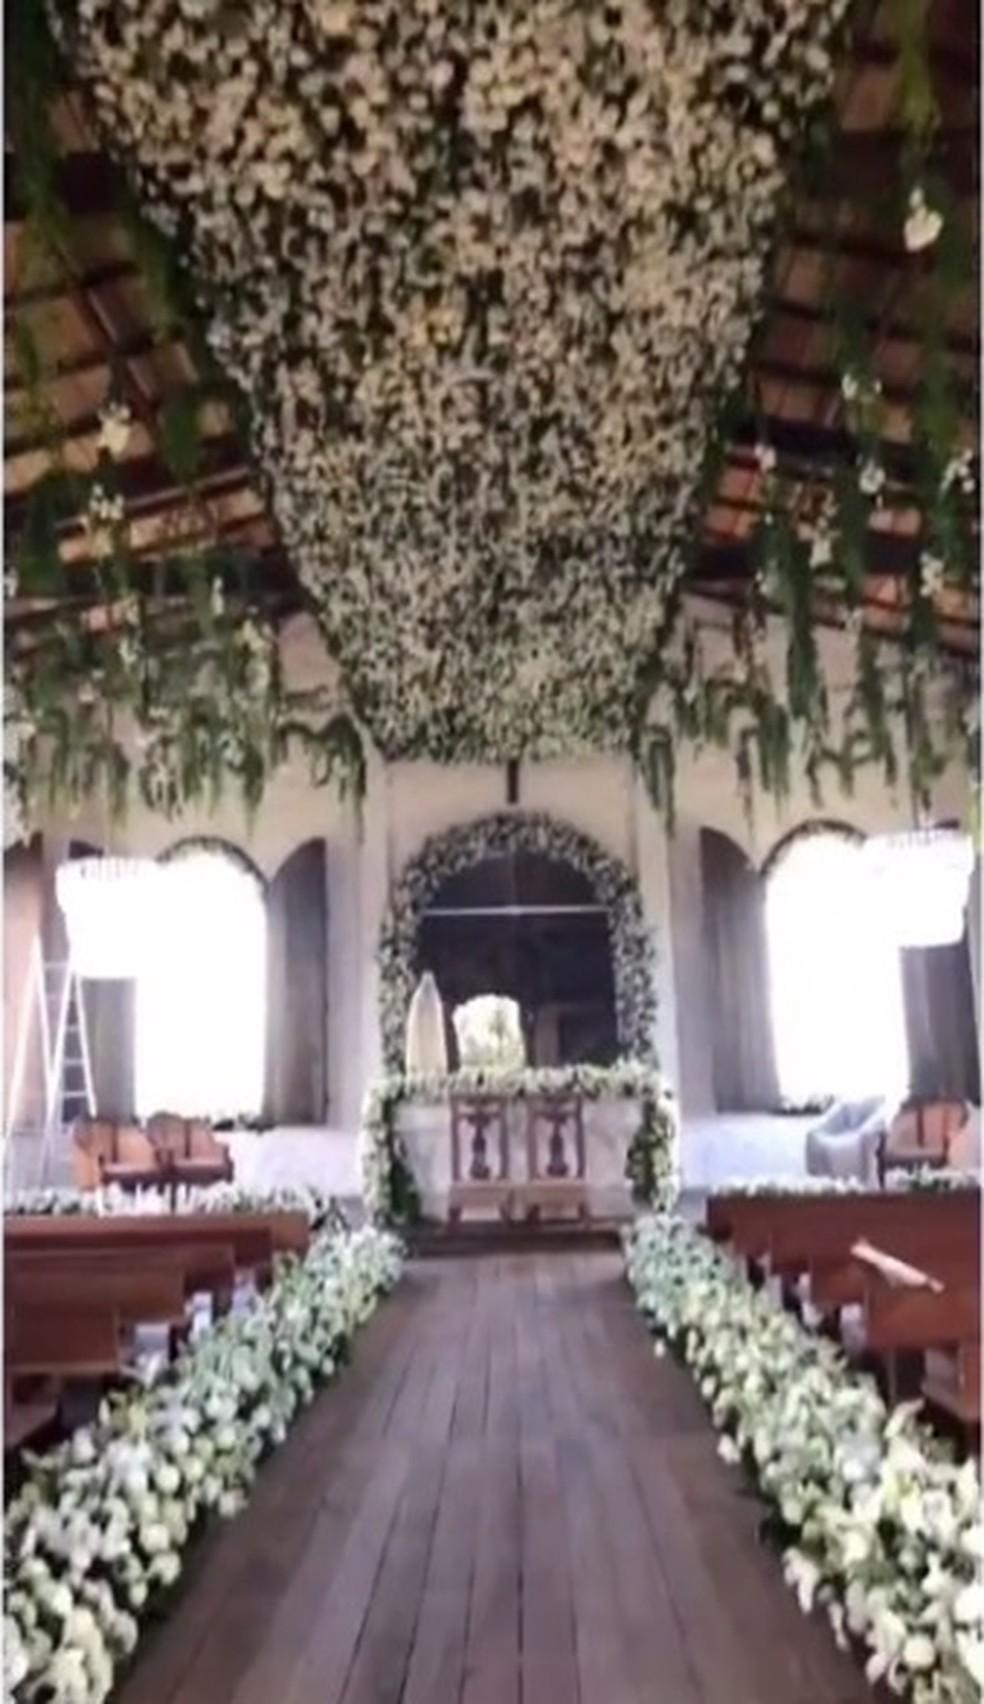 Igreja foi decorada com flores até no teto (Foto: Instagram/Reprodução)